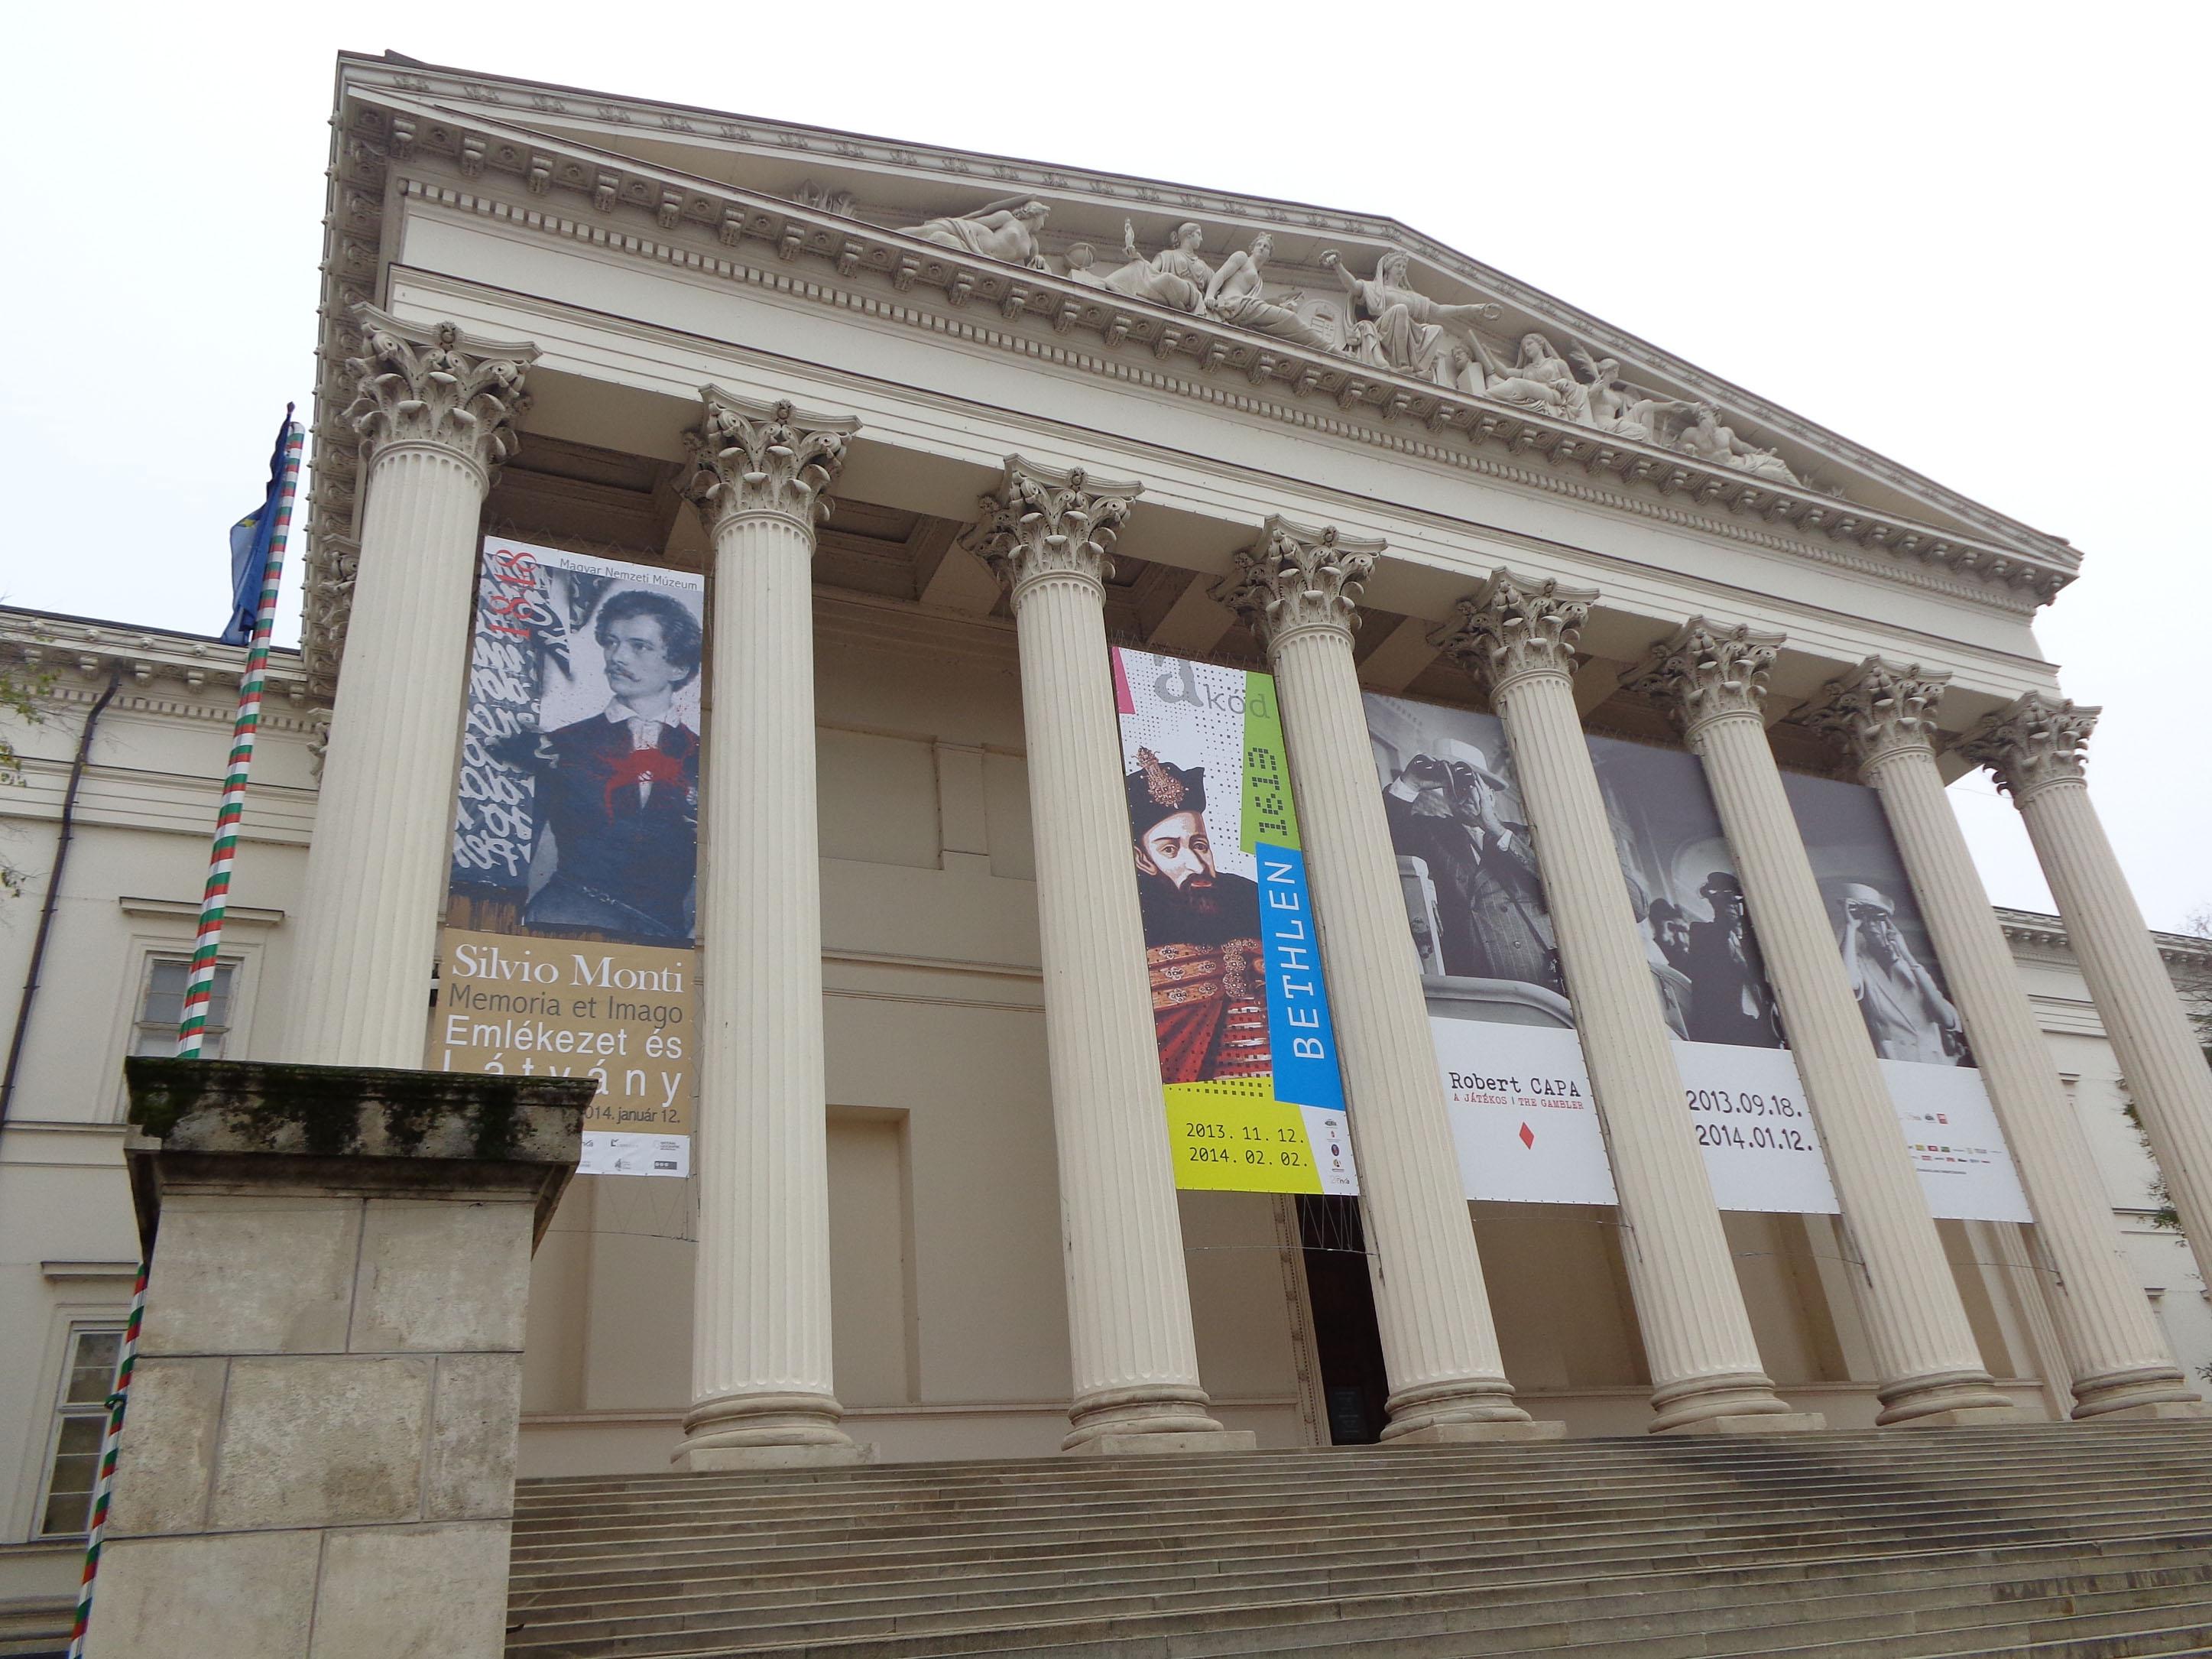 Bethlen, Petőfi und Capa: die aktuellen Ausstellungen des Ungarischen Nationalmuseums im Dezember 2013.